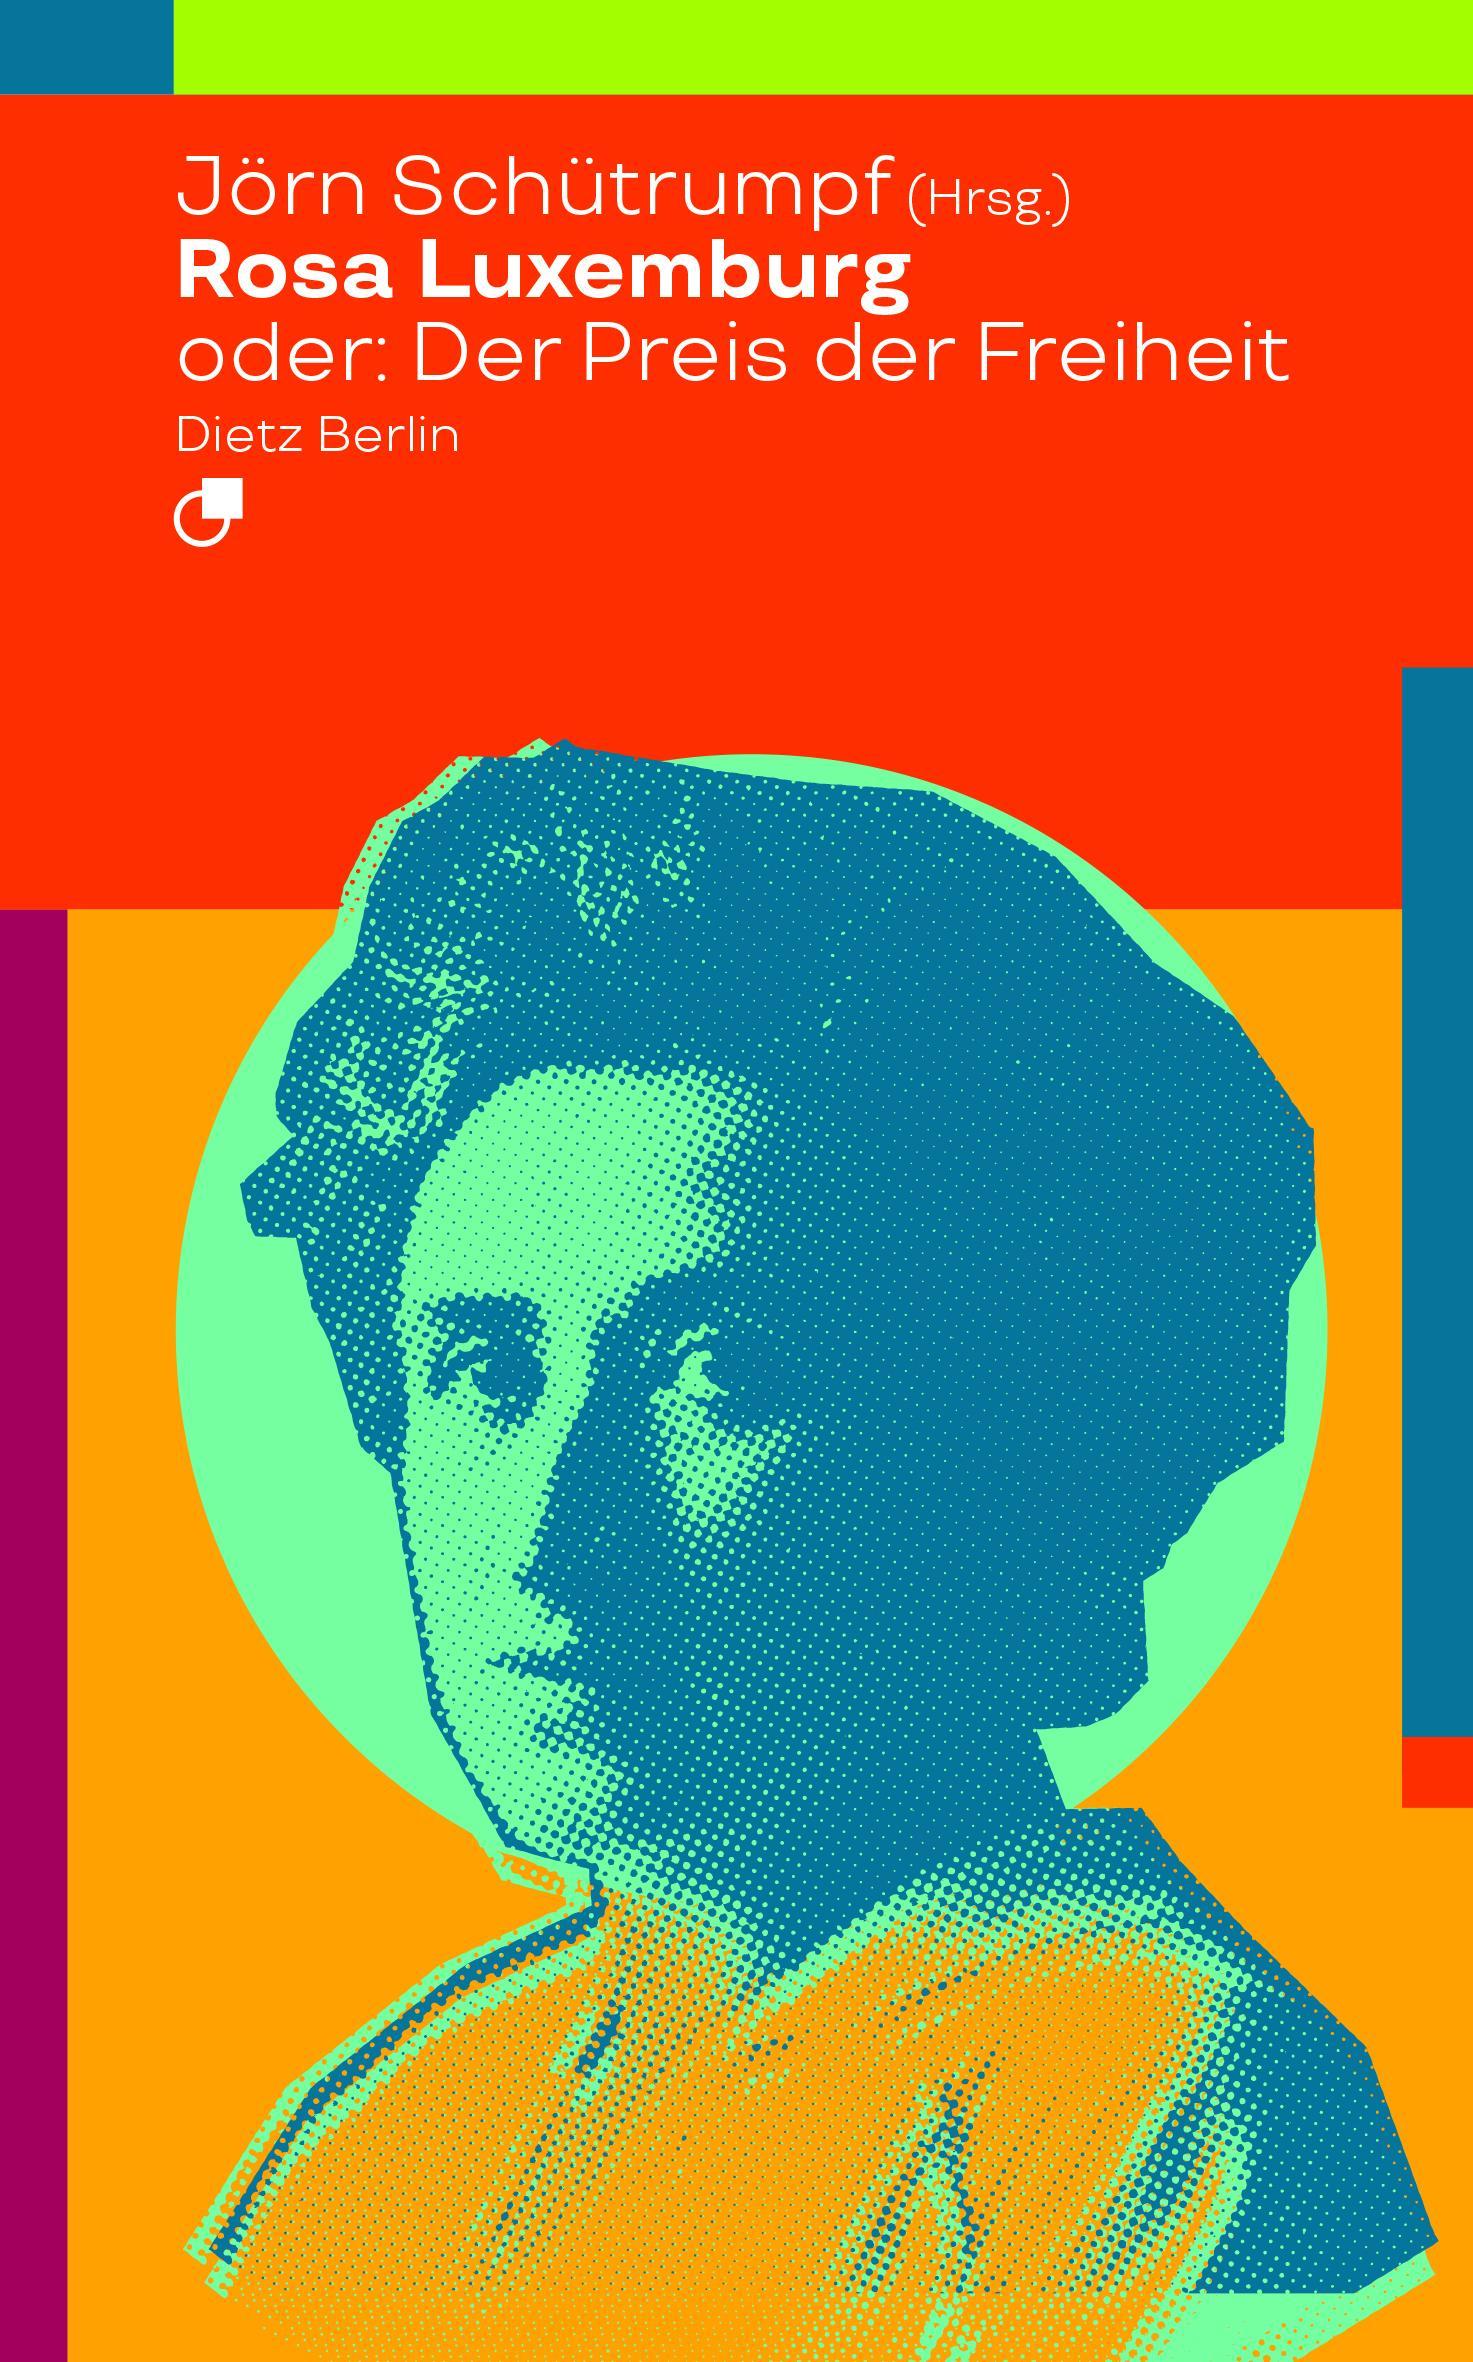 Rosa Luxemburg oder: Der Preis der Freiheit  Jörn Schütrumpf  Taschenbuch  Historische Miniaturen  Deutsch  2018 - Schütrumpf, Jörn